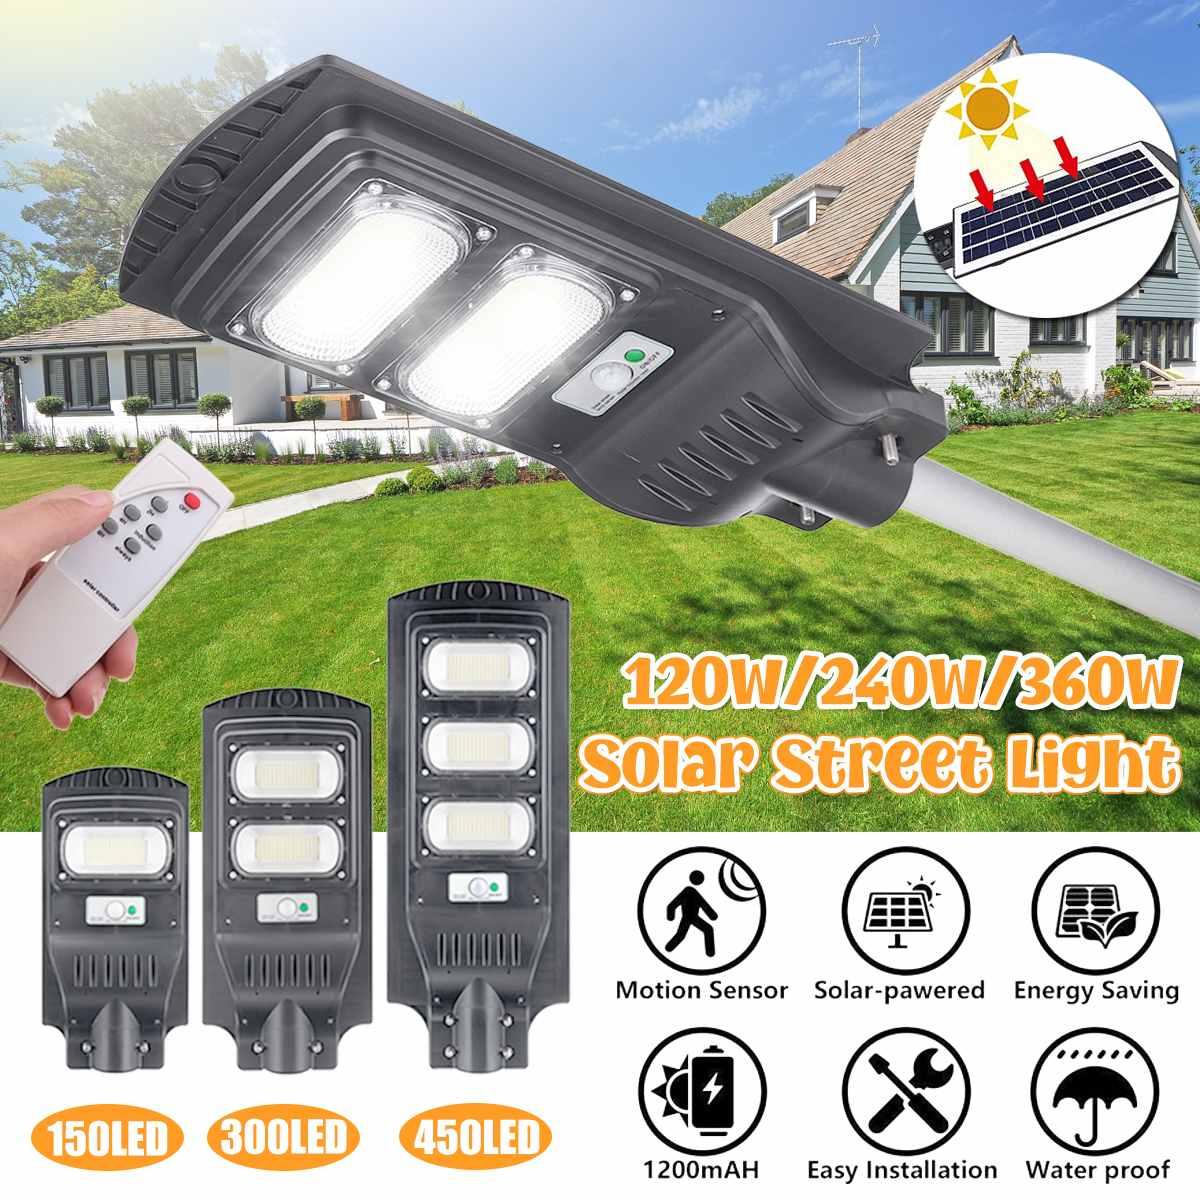 Smuxi 32000LM 120 W/240 W/360 W Solar Straße Licht 150/300/450 led Grau outdoor-High-helligkeit Lampe Motion Sensor fernbedienung